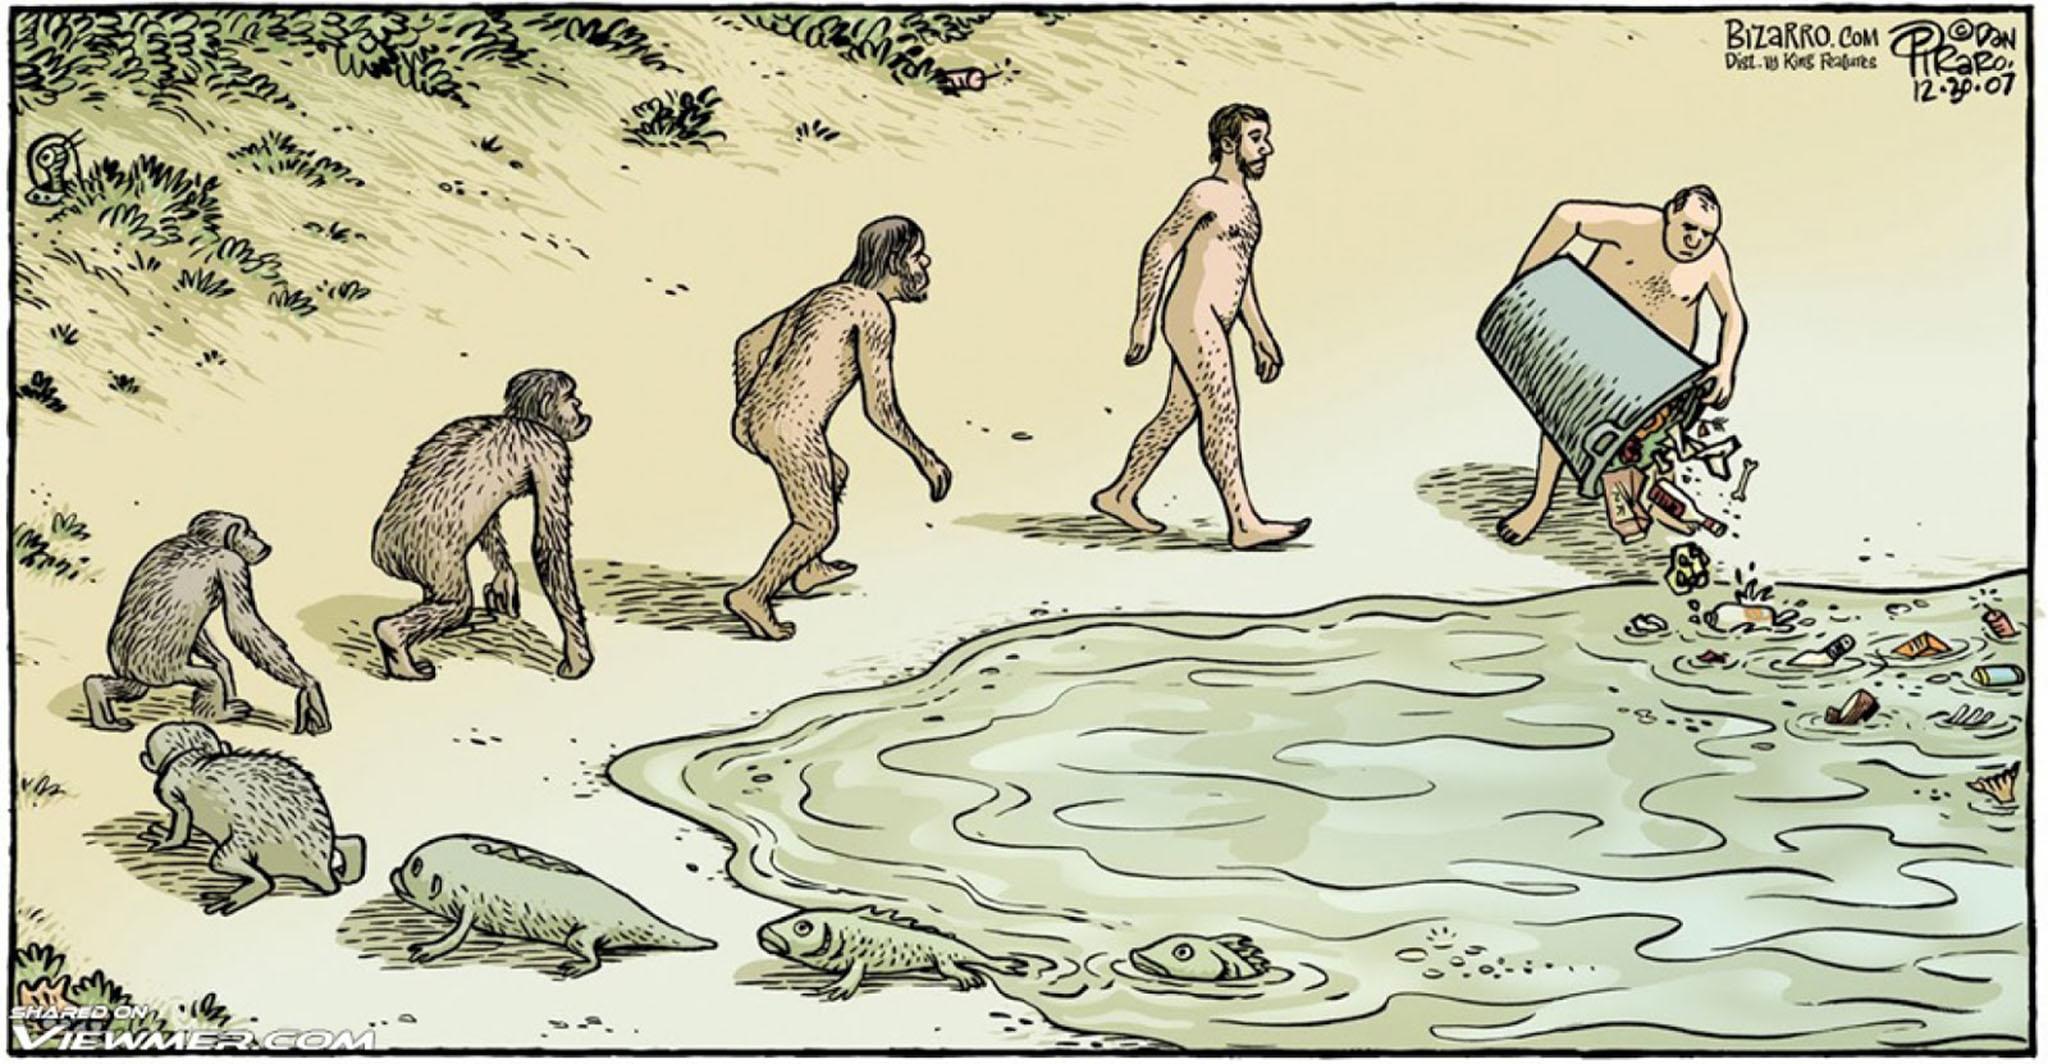 上图:这幅漫画讽刺进化论者不必为污染环境负责任,只要自己能生存就行。创造论和进化论是两种完全不同的思想,都需要凭信心来接受,每个人都必须凭信心做出抉择: 1、创造论相信人是按着神的形象被造的,每个人都有道德性,与动物不同,属灵的需要高过肉体的需要;进化论相信人是猿猴进化来的,与动物没有两样,提倡道德、精神不过是为了满足肉体的需要。 2、创造论相信所有的人都有同一个祖先,都是亲戚,彼此应该和平、友爱;进化论相信人是各地的猿猴分别进化来的,为了生存,应该不断竞争、征服。 3、创造论相信人生有神所赋予的目的,应该善用恩赐、管理环境,准备为自己的责任和义务向神交账;进化论相信人是随机碰撞、进化的结果,人生没有目的,应该放纵自己、掠夺环境,及时行乐、享受人生。 4、创造论相信神关心、供应、看顾受造物,每个人都应该成为传递神祝福的管道,照顾老弱病残,因为神不断挽回、拯救失败者;进化论相信一切都要靠自己的奋斗和运气,物竞天择、适者生存(Survival of the Fittest),不适应的老弱病残和失败者应该被淘汰,这样社会才能进步。 5、创造论相信神按着自己的形象造人;进化论相信人可以随自己的想象创造神。 6、创造论相信神是主宰,人应该顺服神的权柄;进化论相信人是主宰,权势大的人说了算。 7、创造论相信有绝对的真理和是非标准,行公义就有大能;进化论相信真理是相对的,所以成功者做什么都是对的。 8、创造论相信人是天父的孩子,应该完全地信靠、依赖神;进化论相信人类已经成年,可以独立自主、人定胜天。 9、创造论相信人已经堕落,世界的趋势是越来越败坏,但信神的人可以进入天国;进化论相信人类在进步中,世界的趋势是越来越美好,但所有的人都是死路一条。